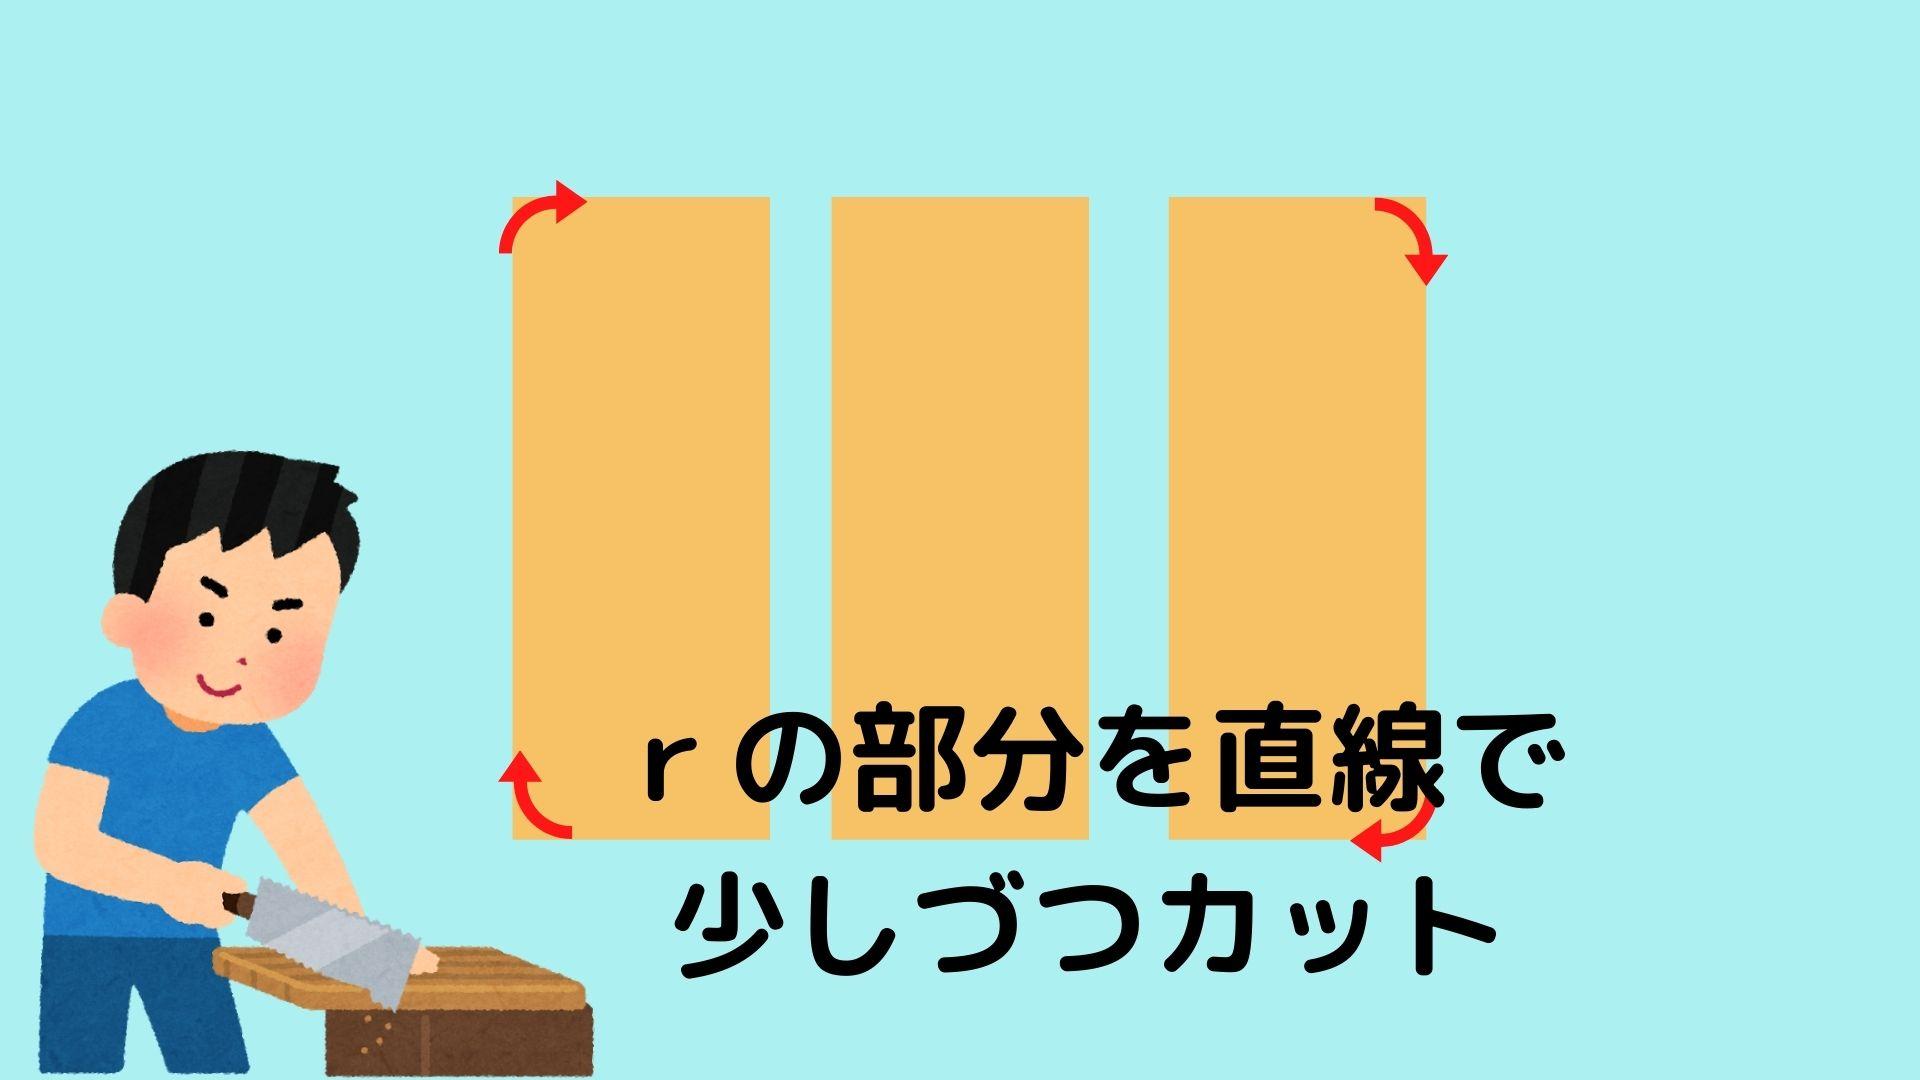 mujirushi polypropylene box diy